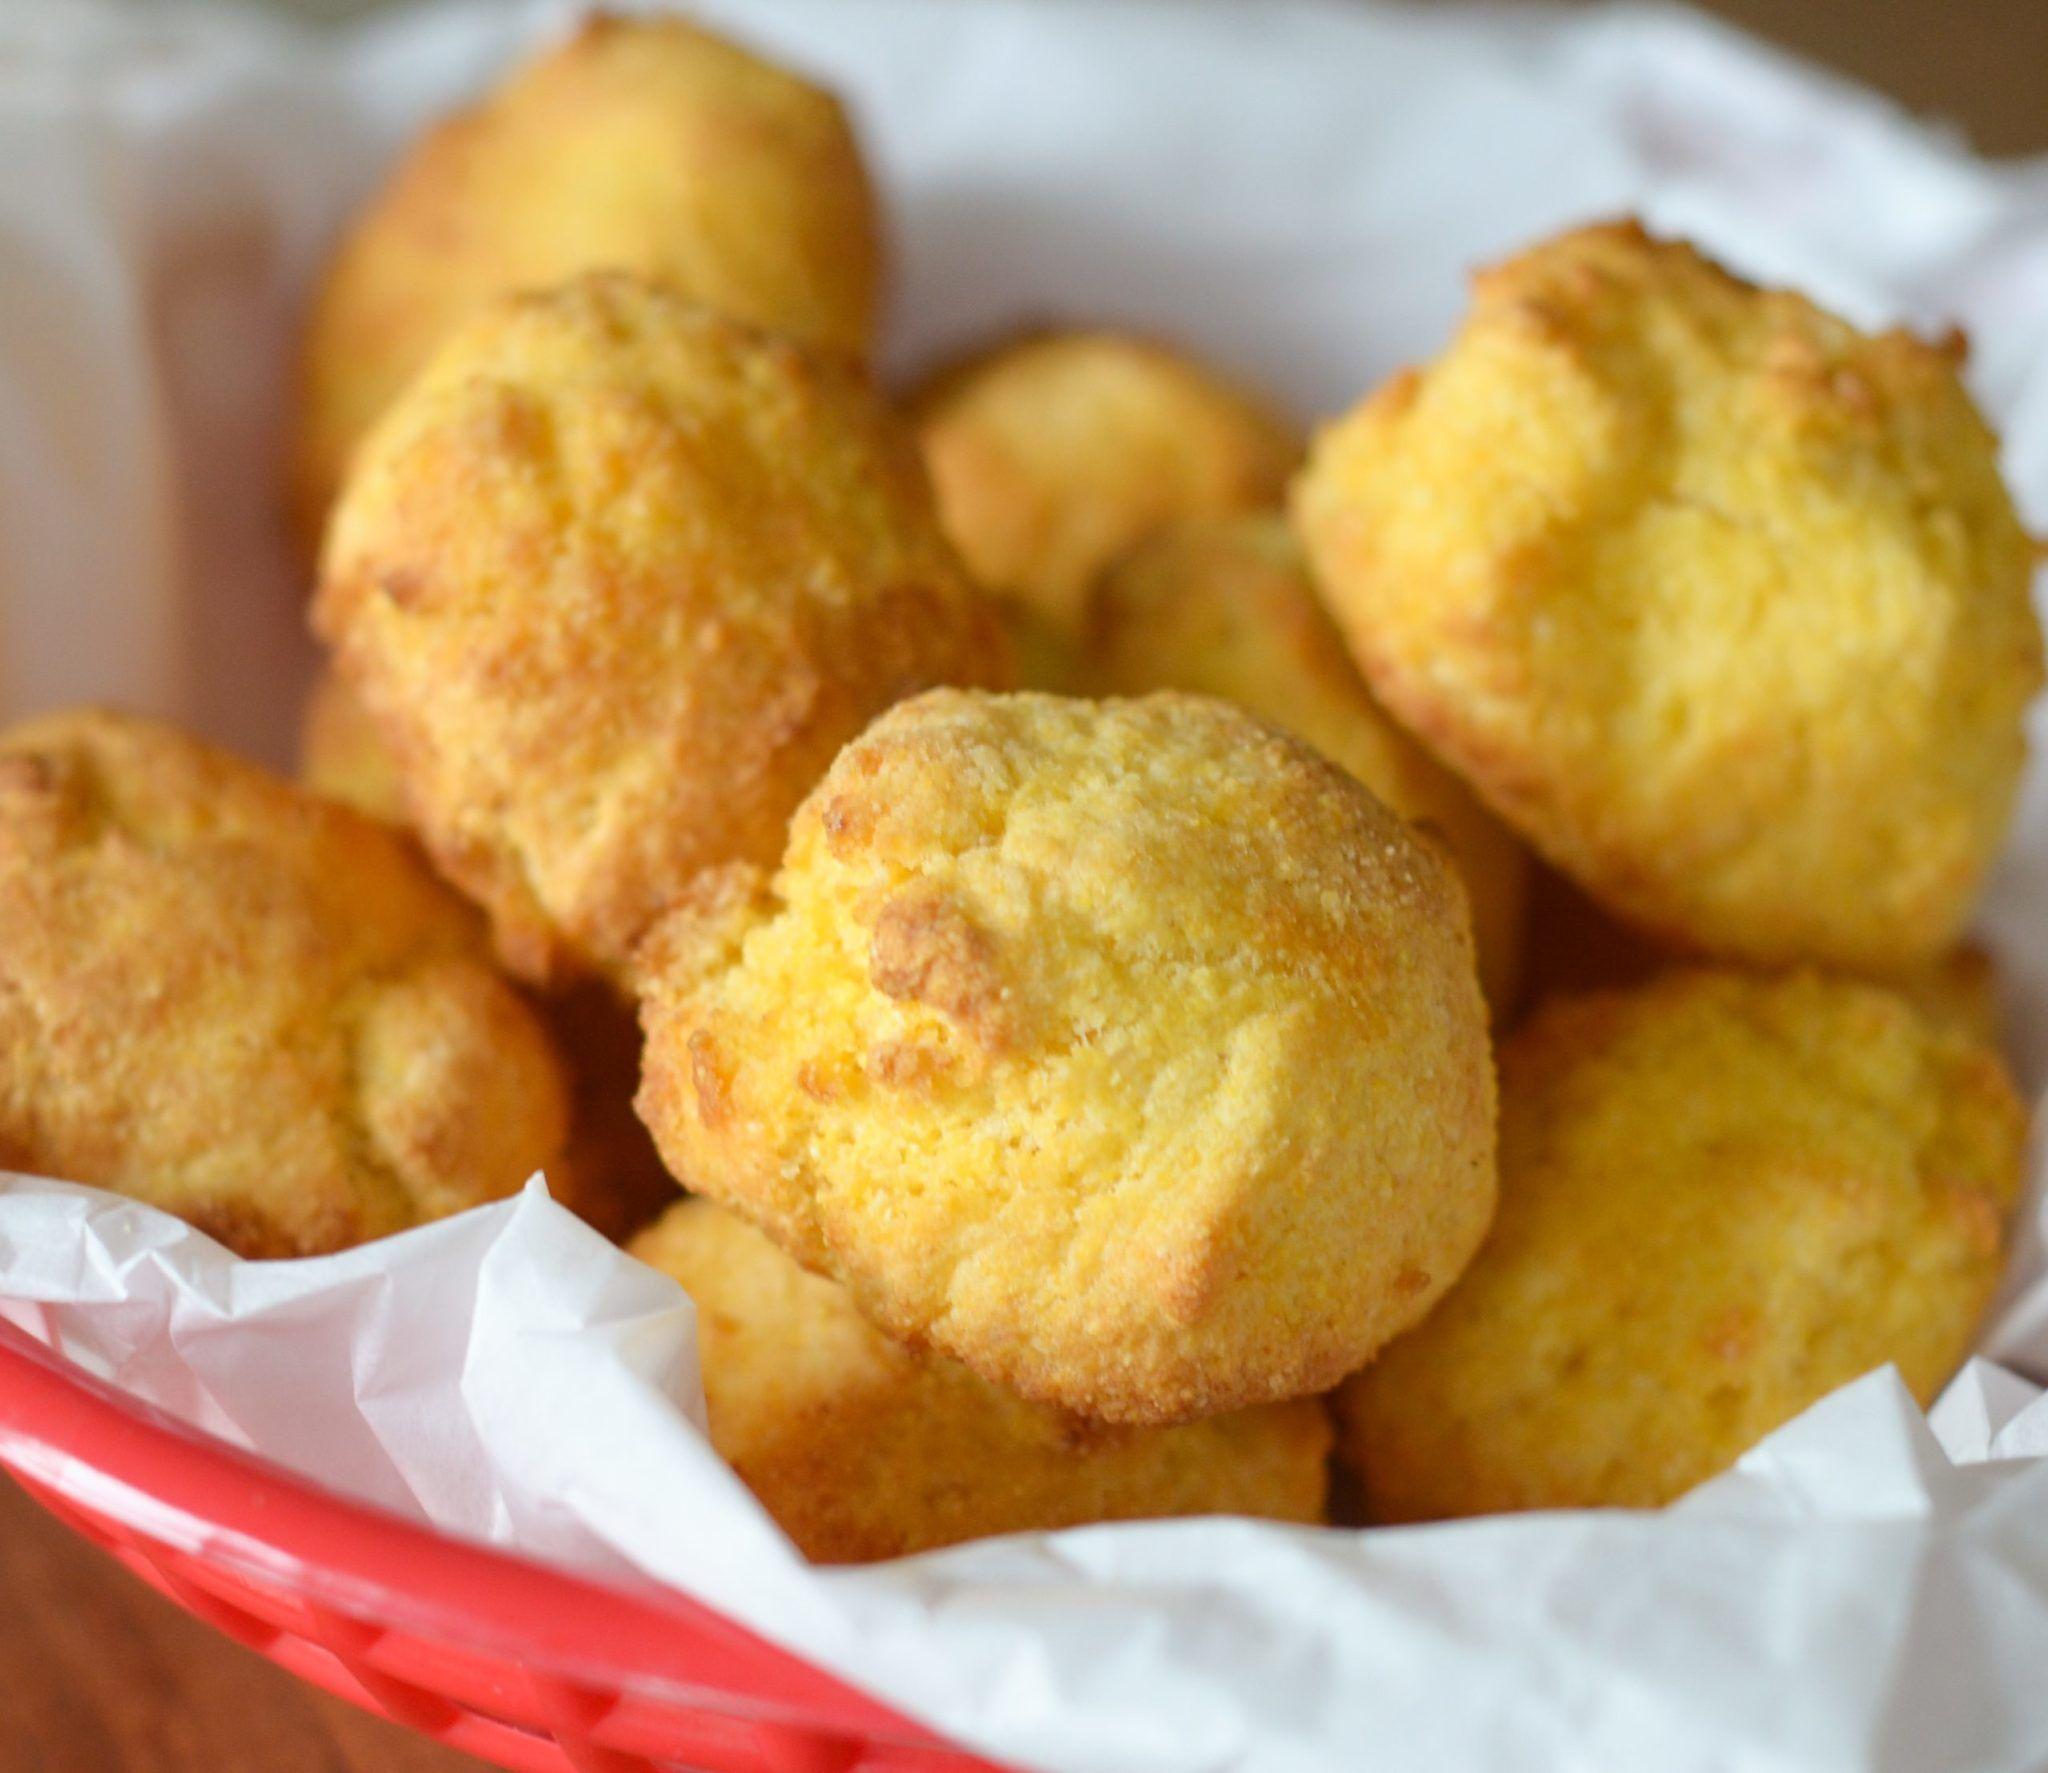 Easy Air Fryer Hush Puppies Ninja Foodi Recipe In 2020 Air Fryer Dinner Recipes Air Fryer Fish Recipes Air Fryer Fish